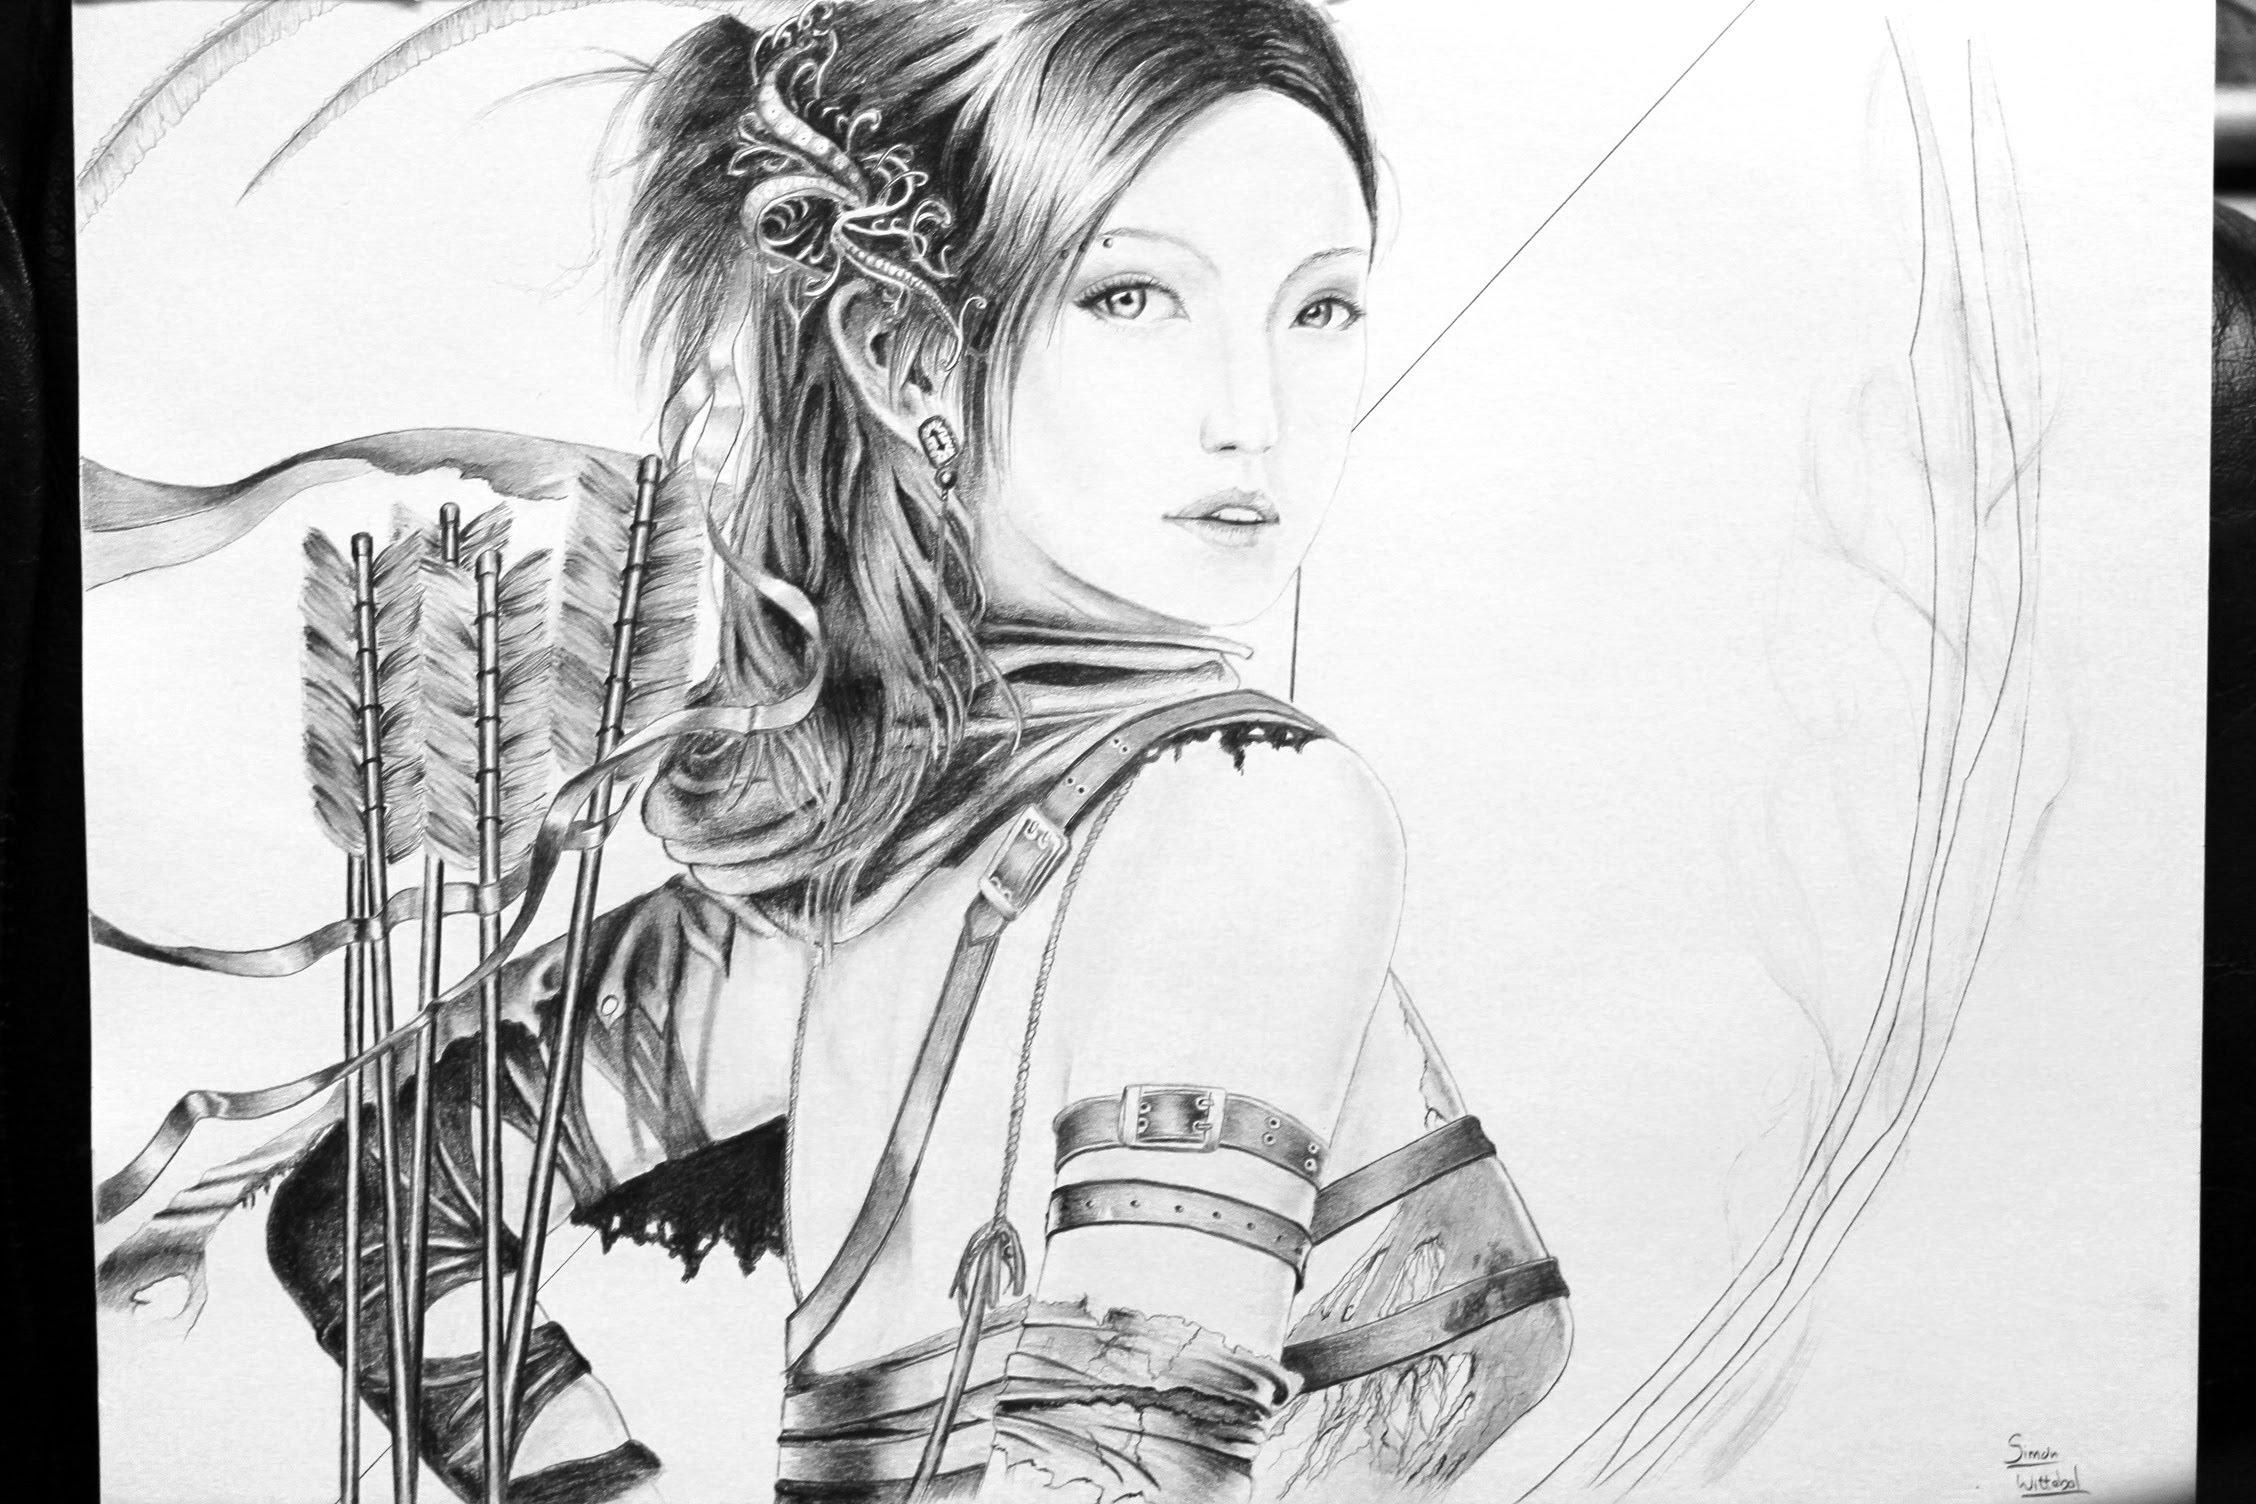 Drawn warrior female archer Archer YouTube drawing Fantasy